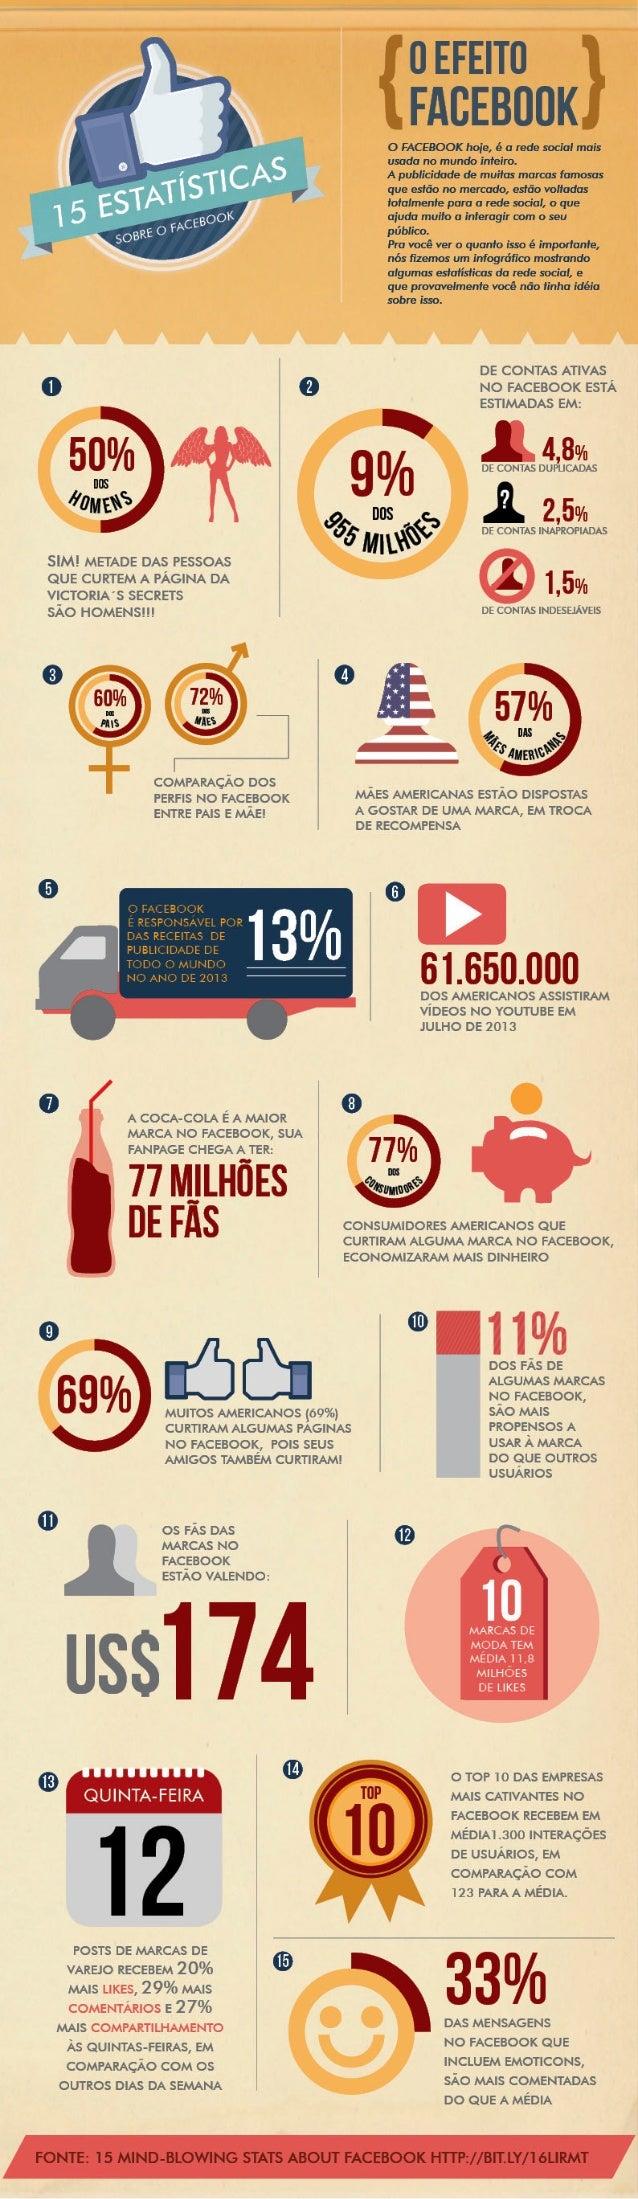 Infográfico: O Efeito Facebook - 15 Estatísticas que você não sabia